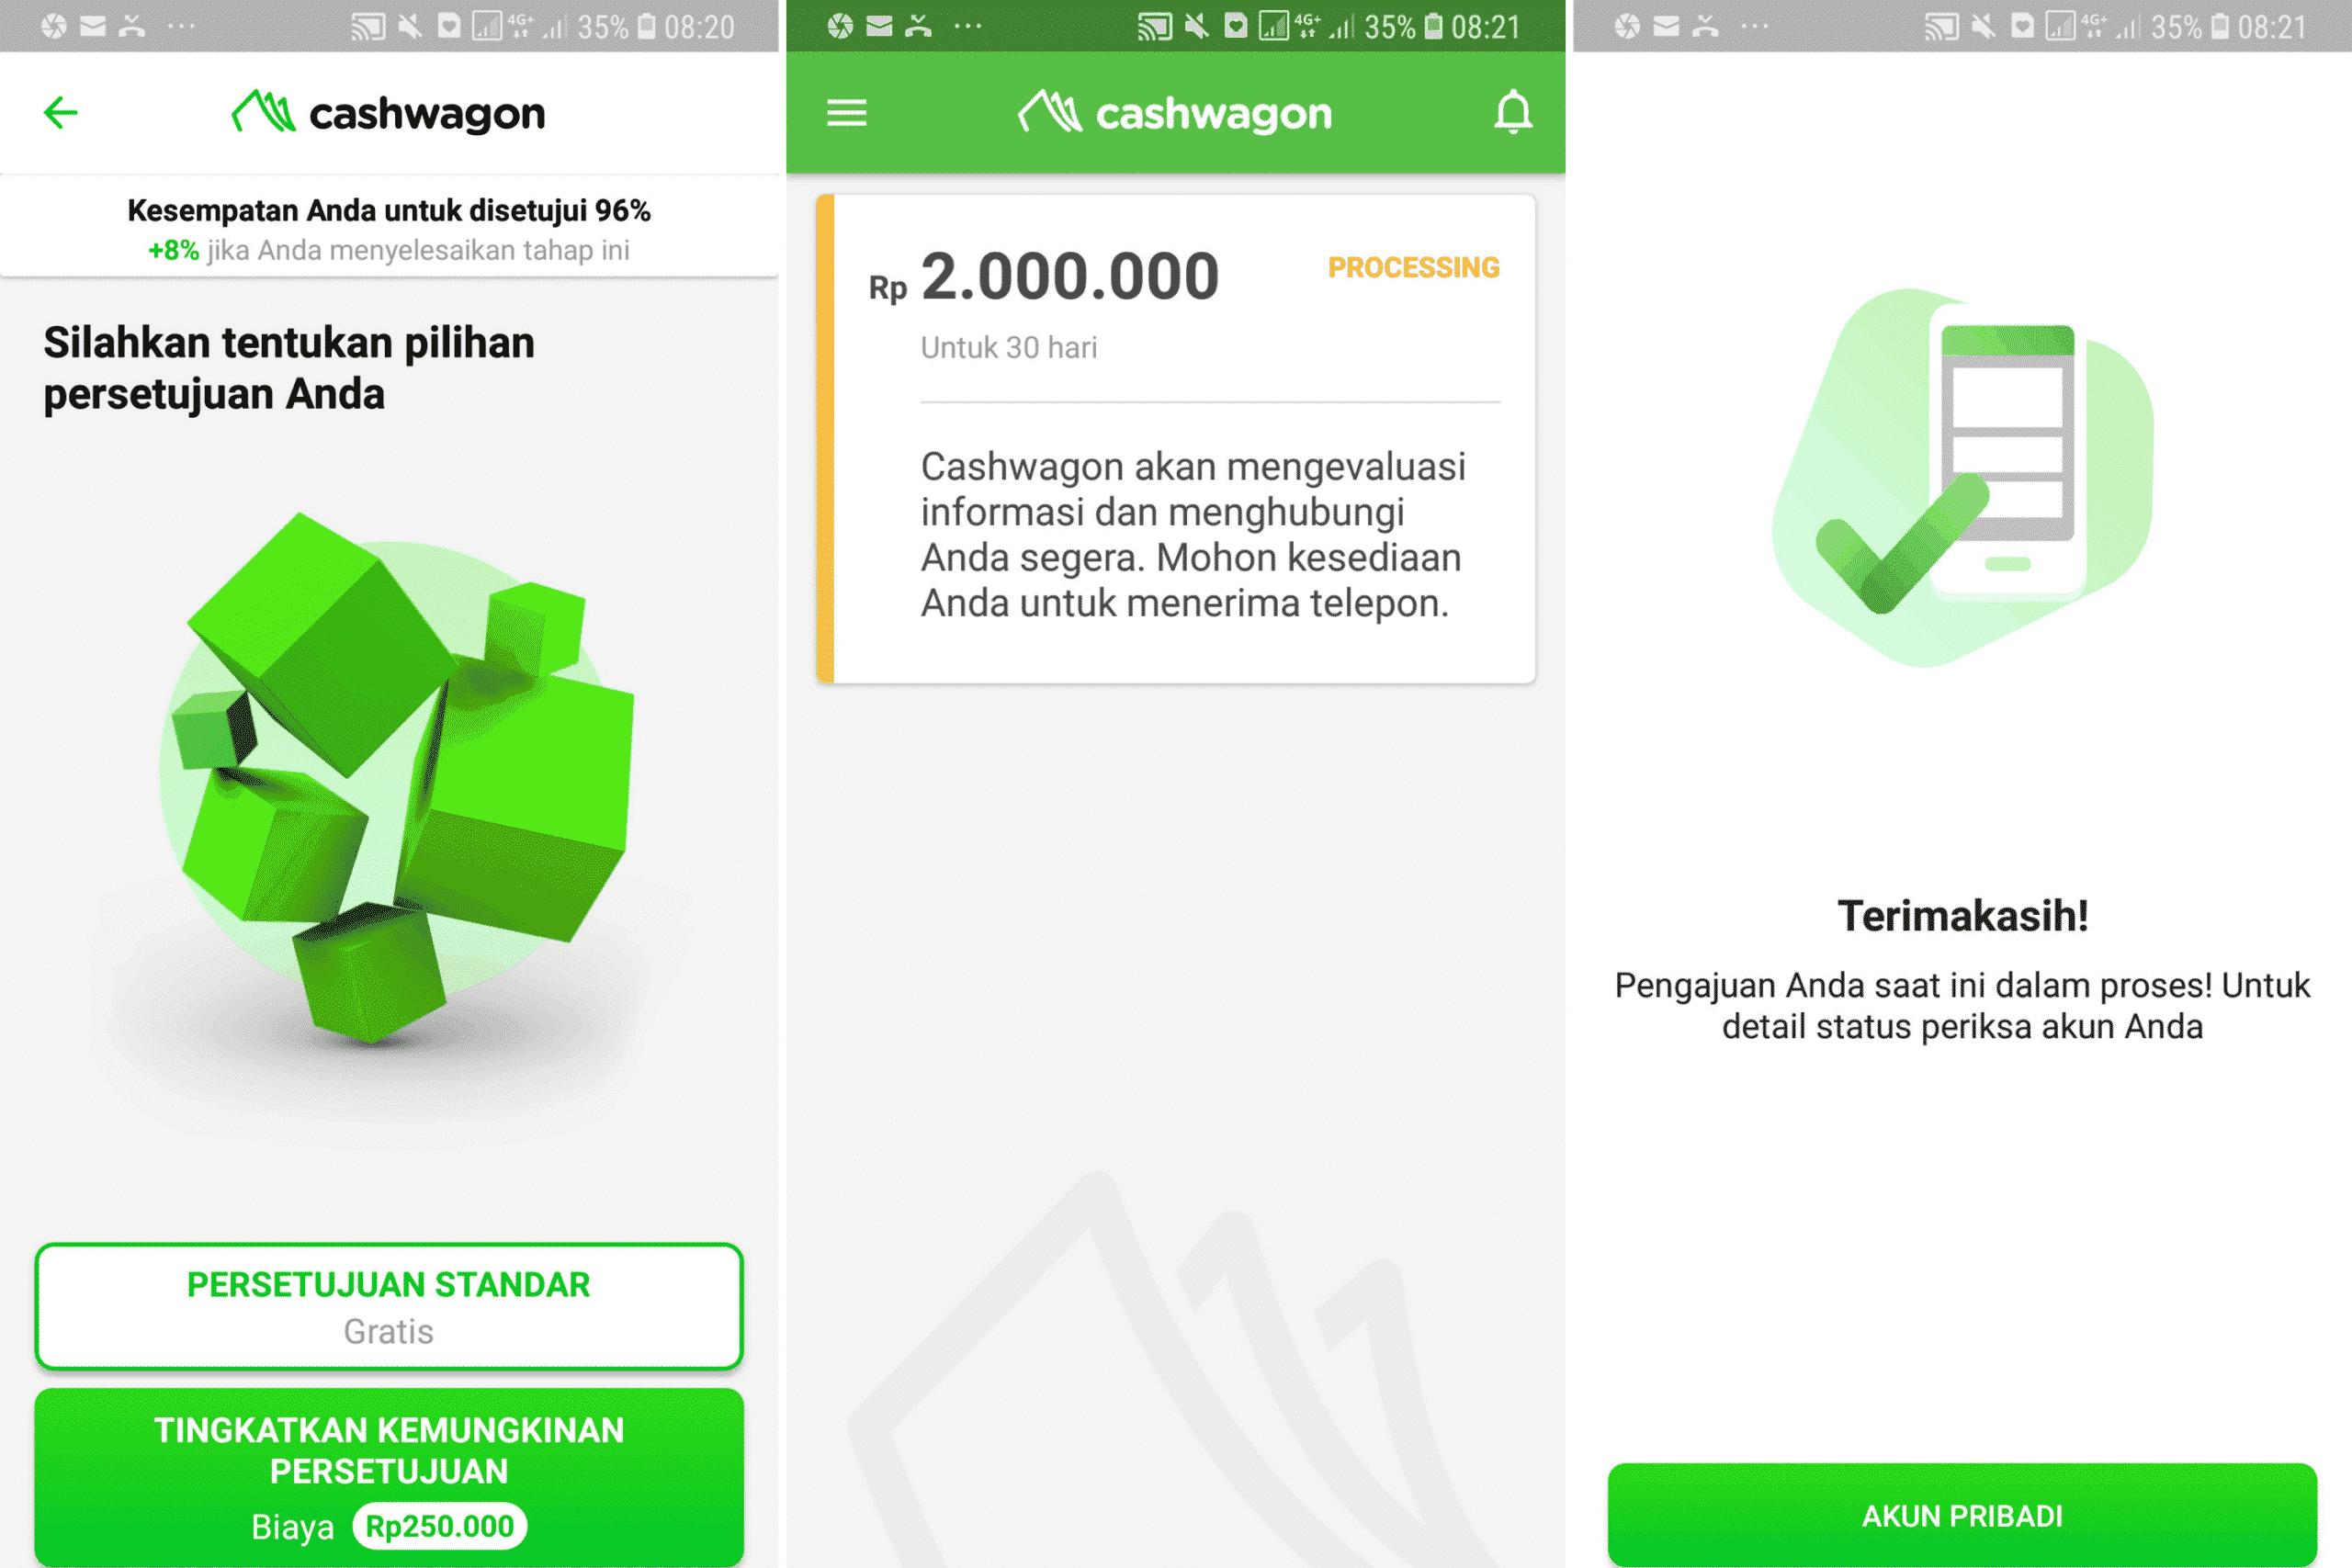 Pengajuan Pinjaman Cashwagon